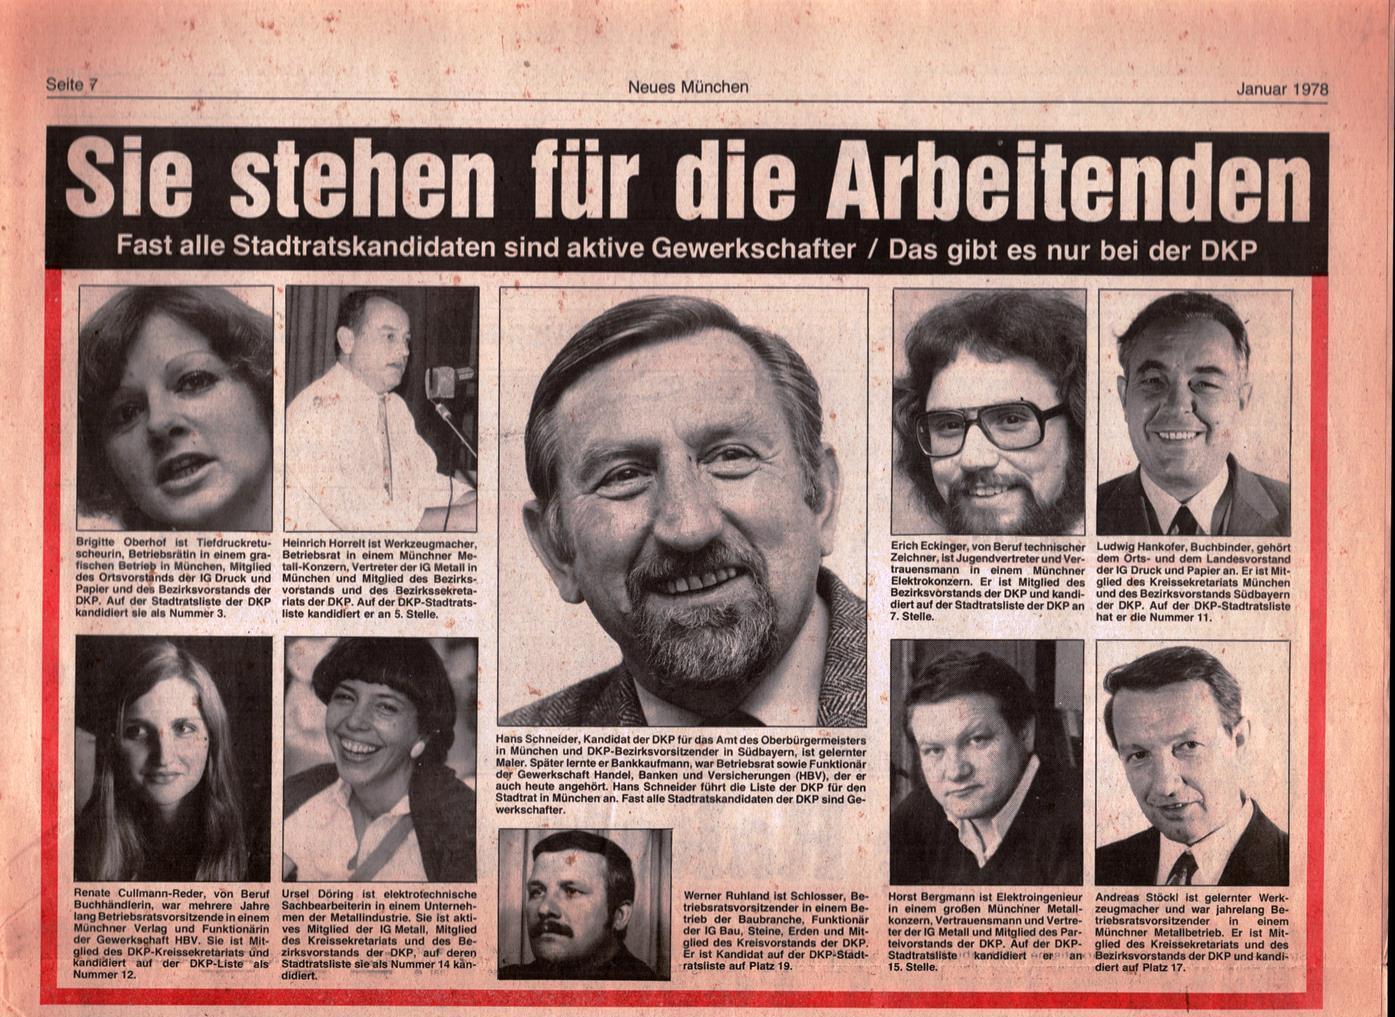 Muenchen_DKP_Neues_Muenchen_19780100_001_013